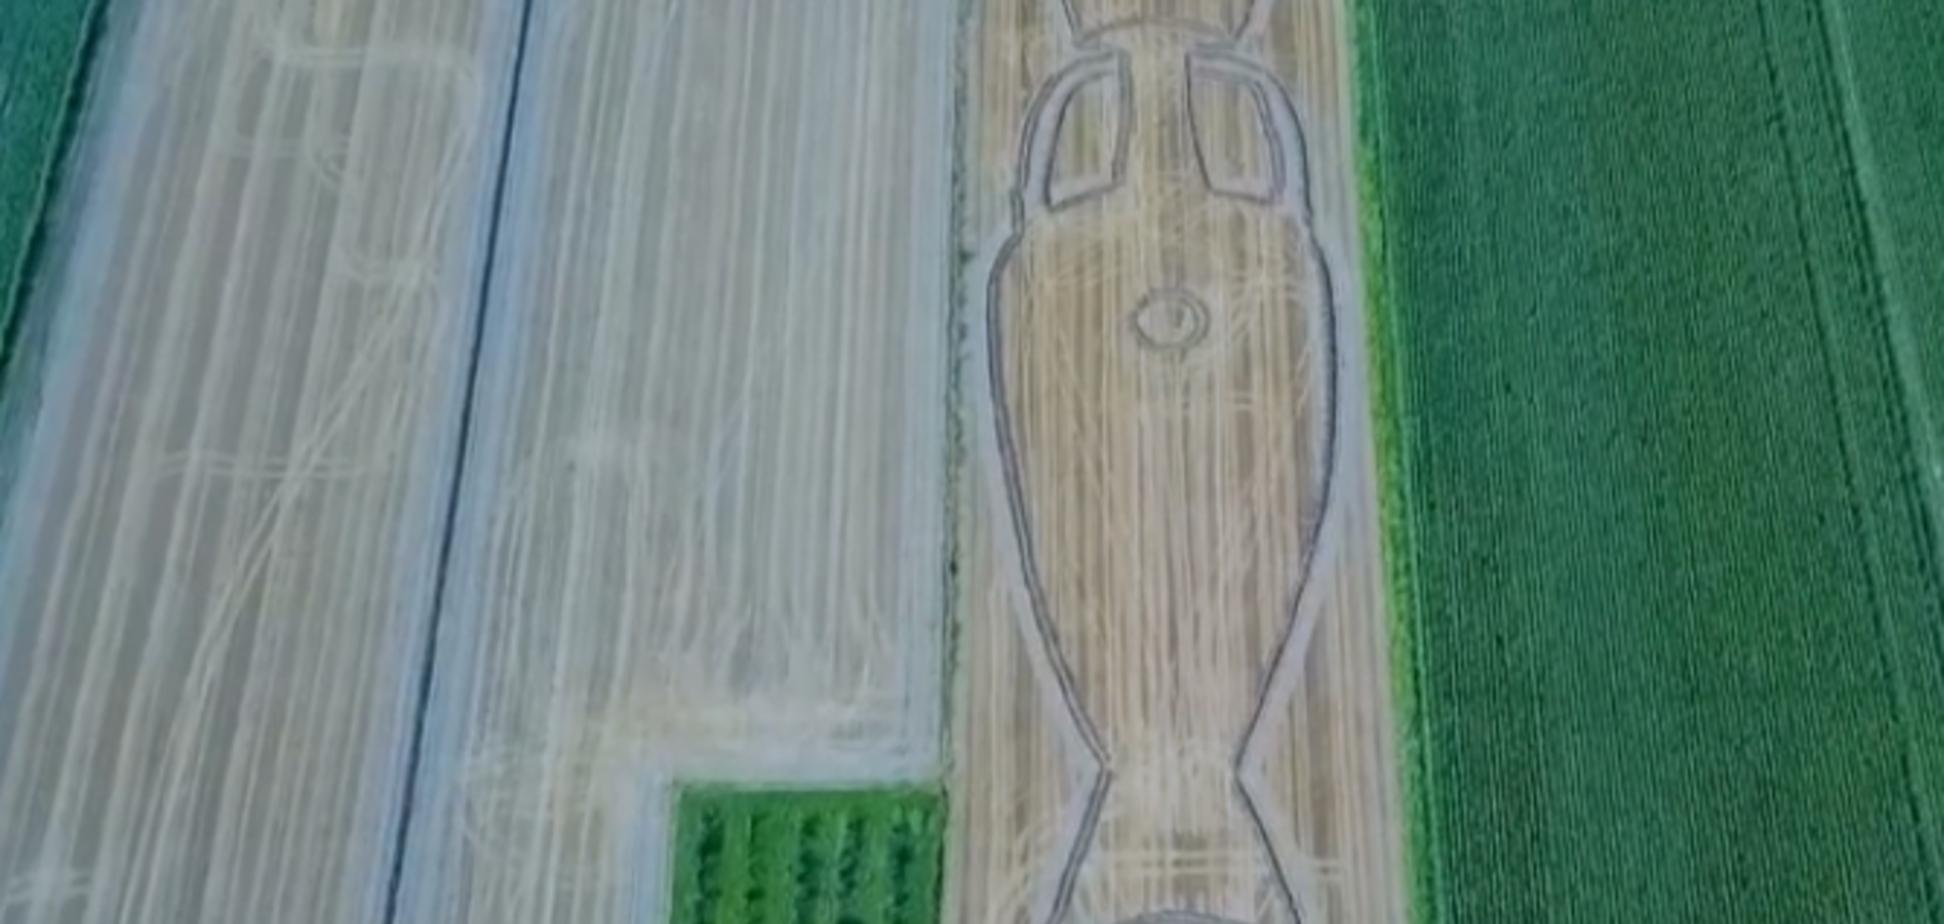 Художник превратил поле в гигантский кубок Евро-2020